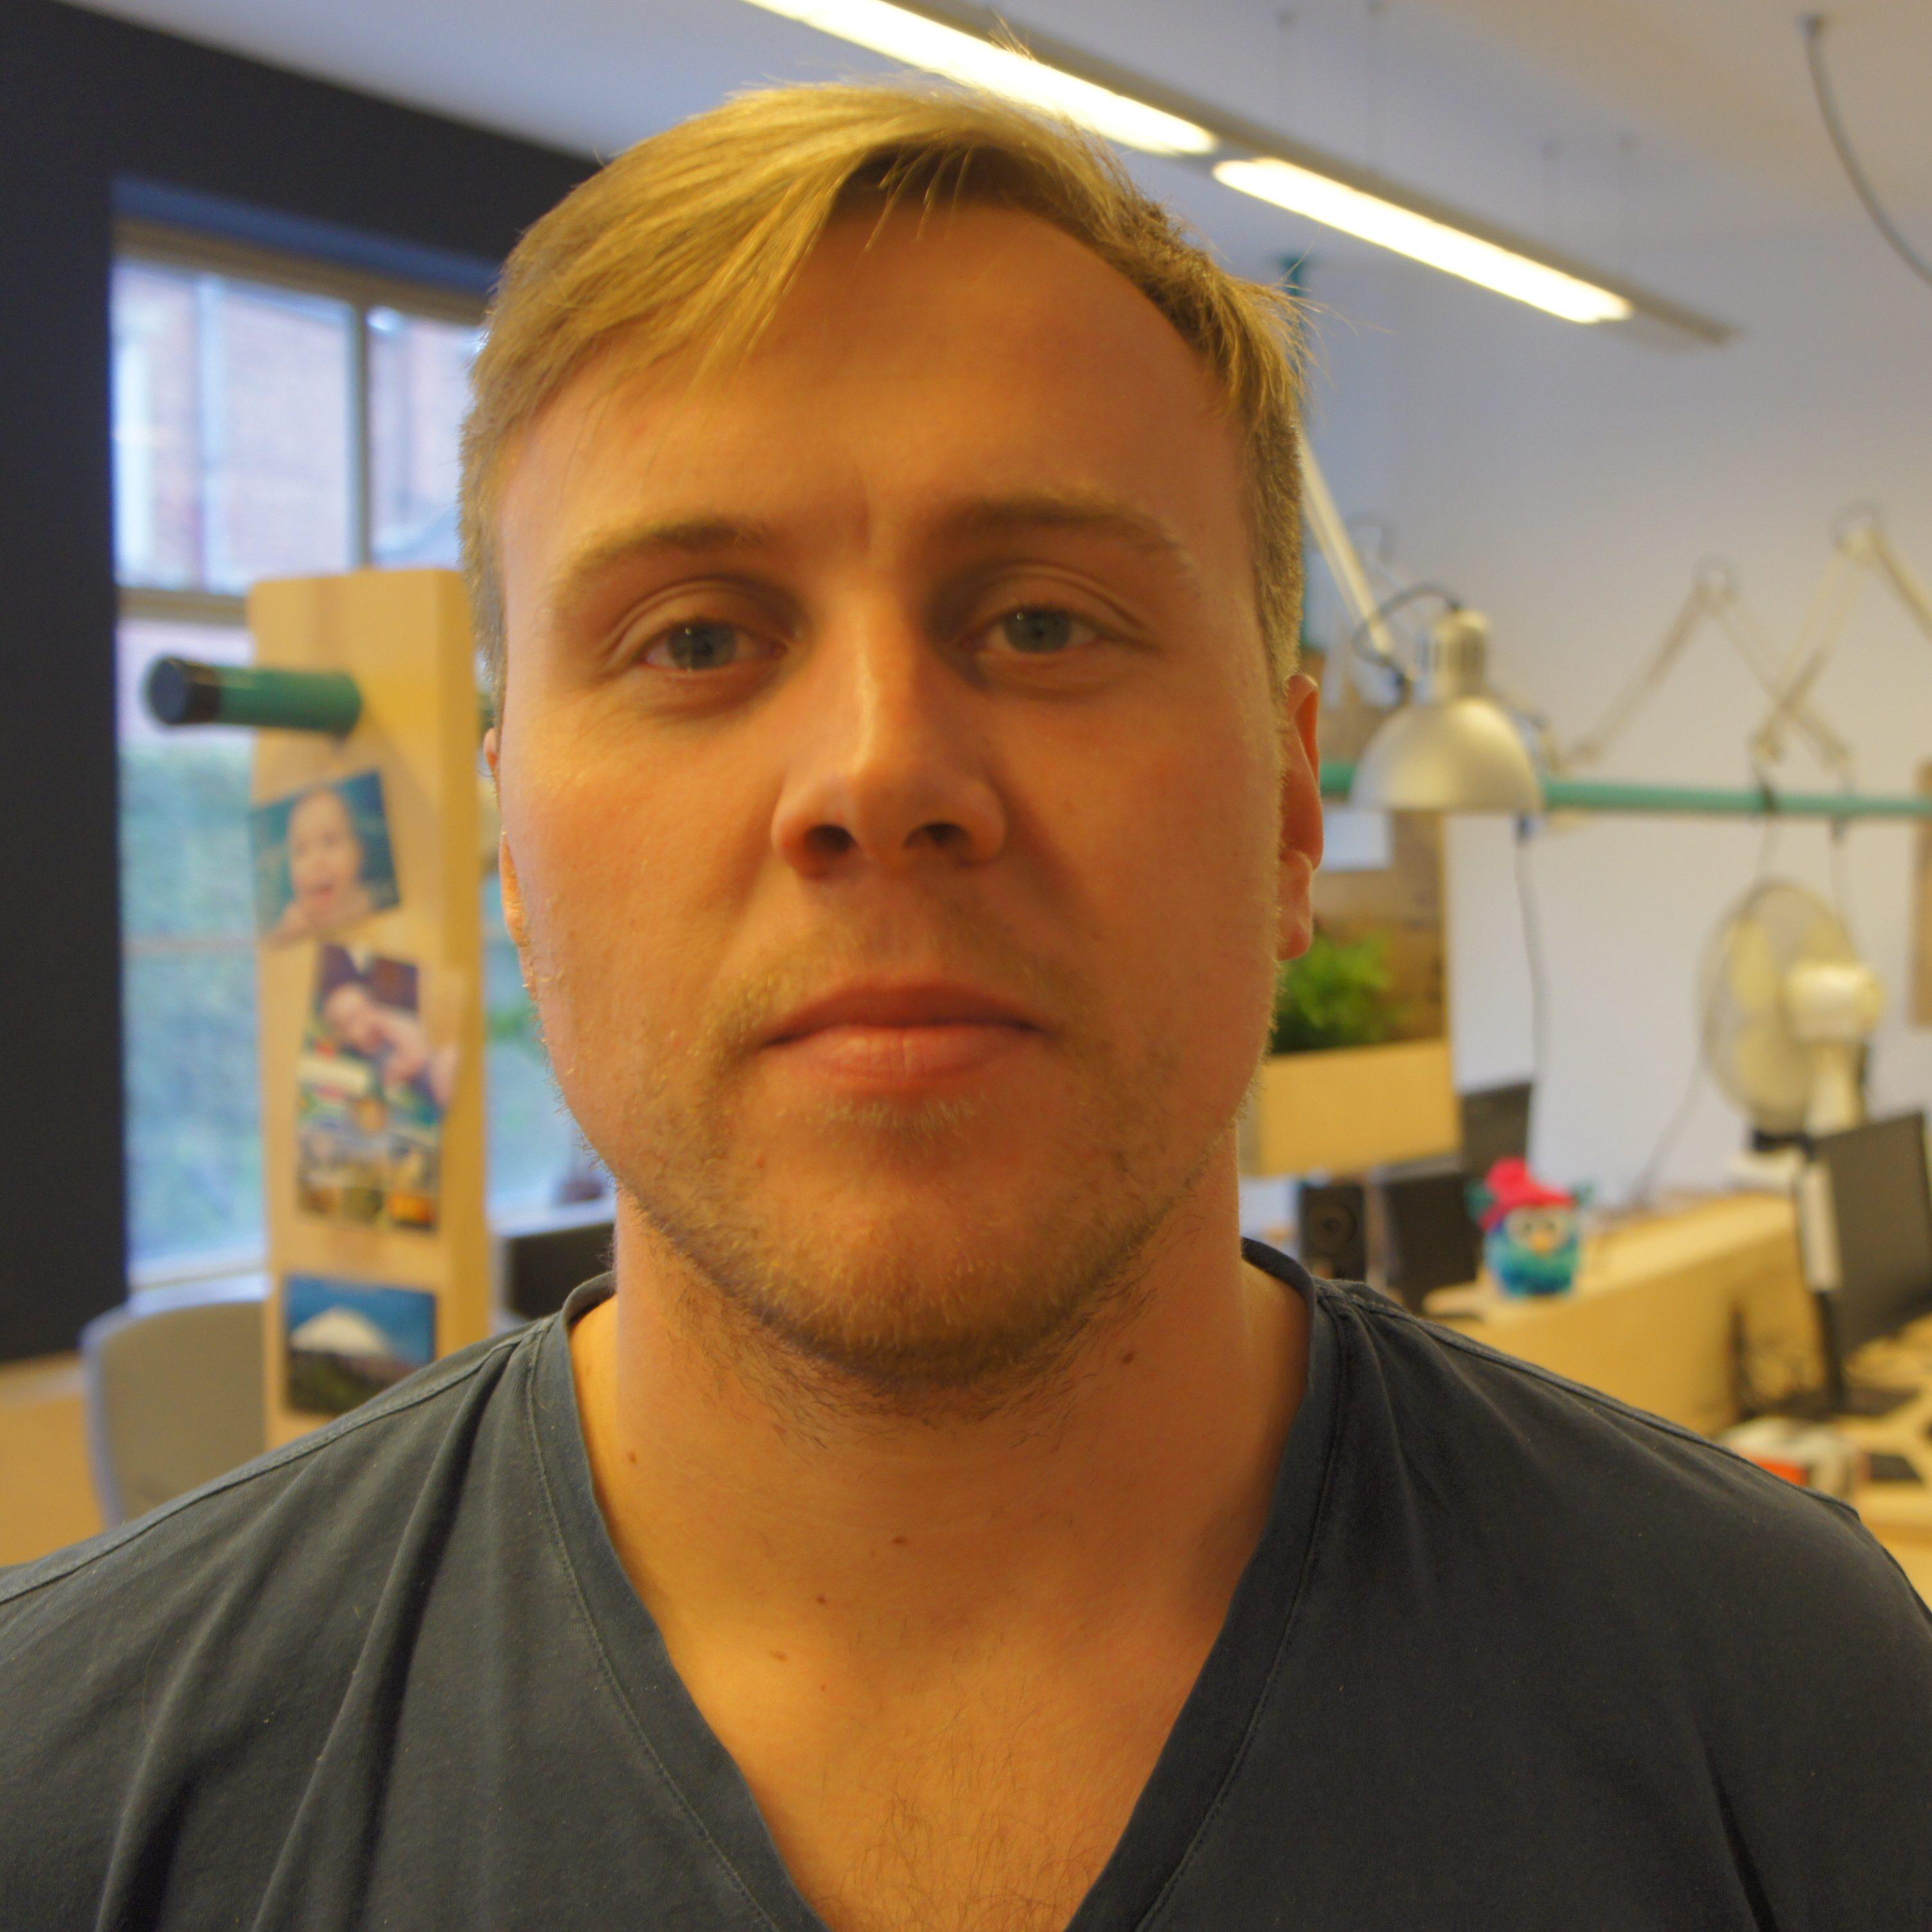 Toon Luypaert, Youth Worker, De Ambrassade, Belgium